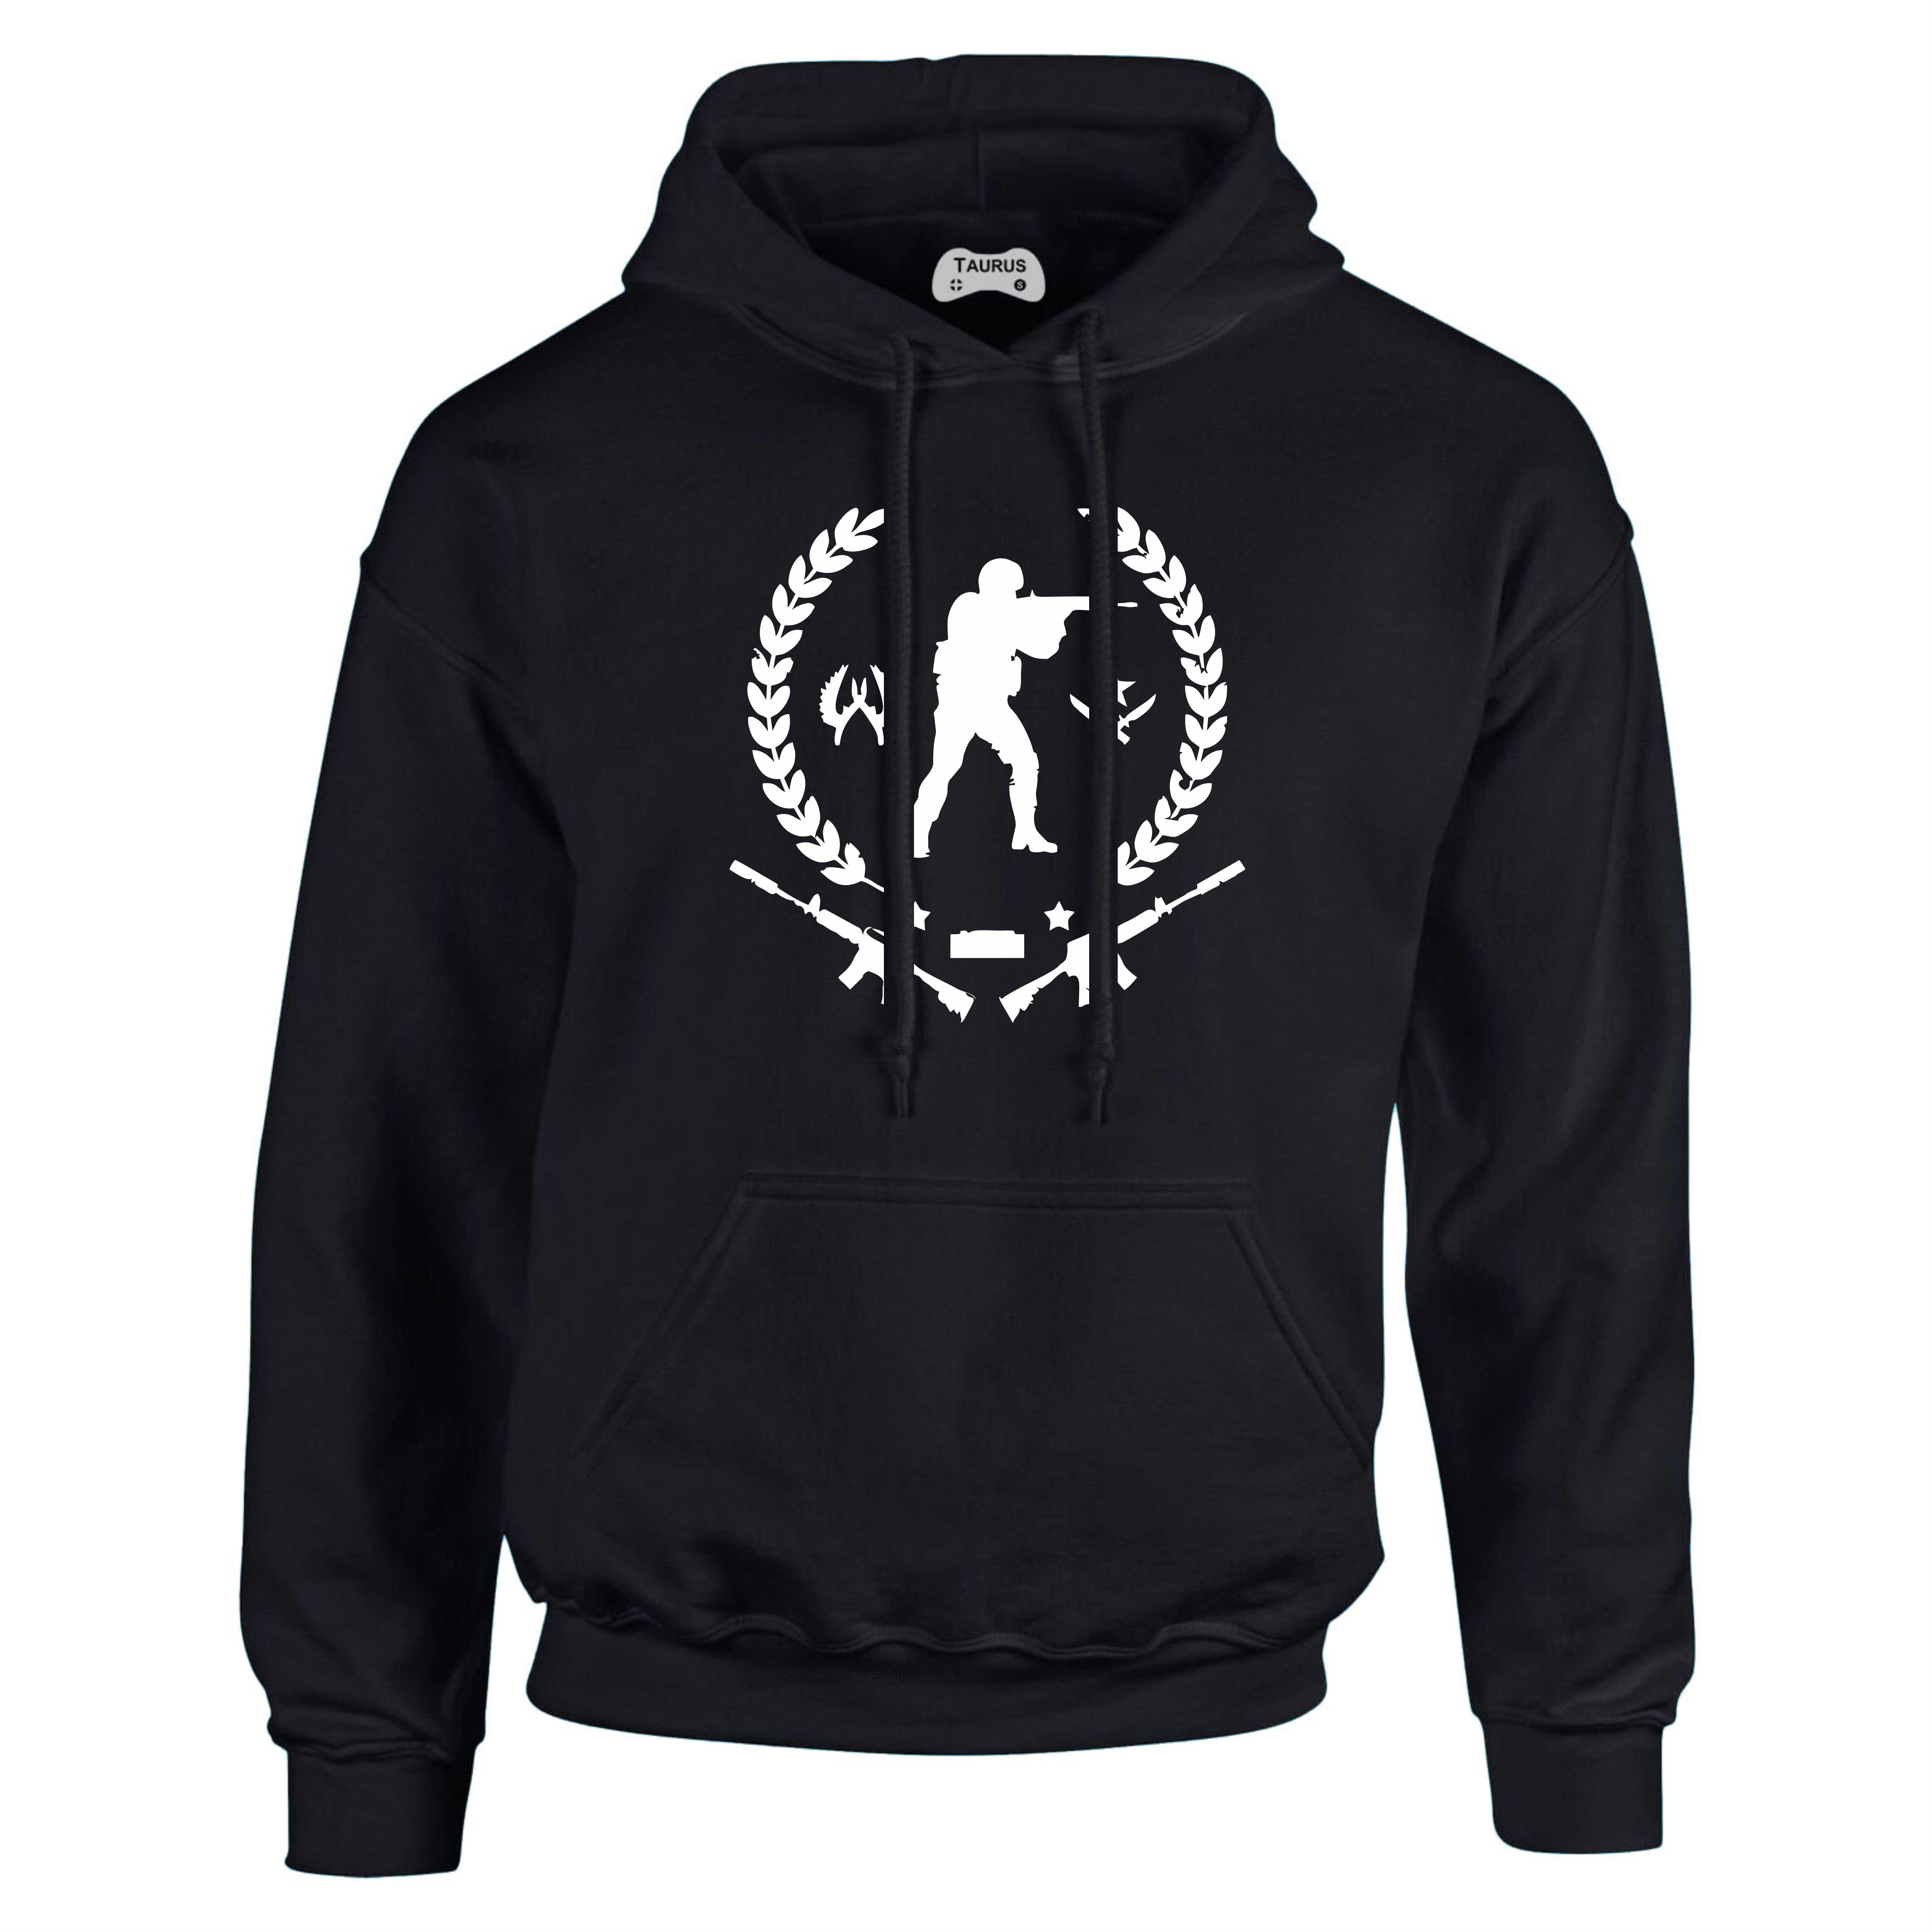 Counterstrike Hoodie Emblem